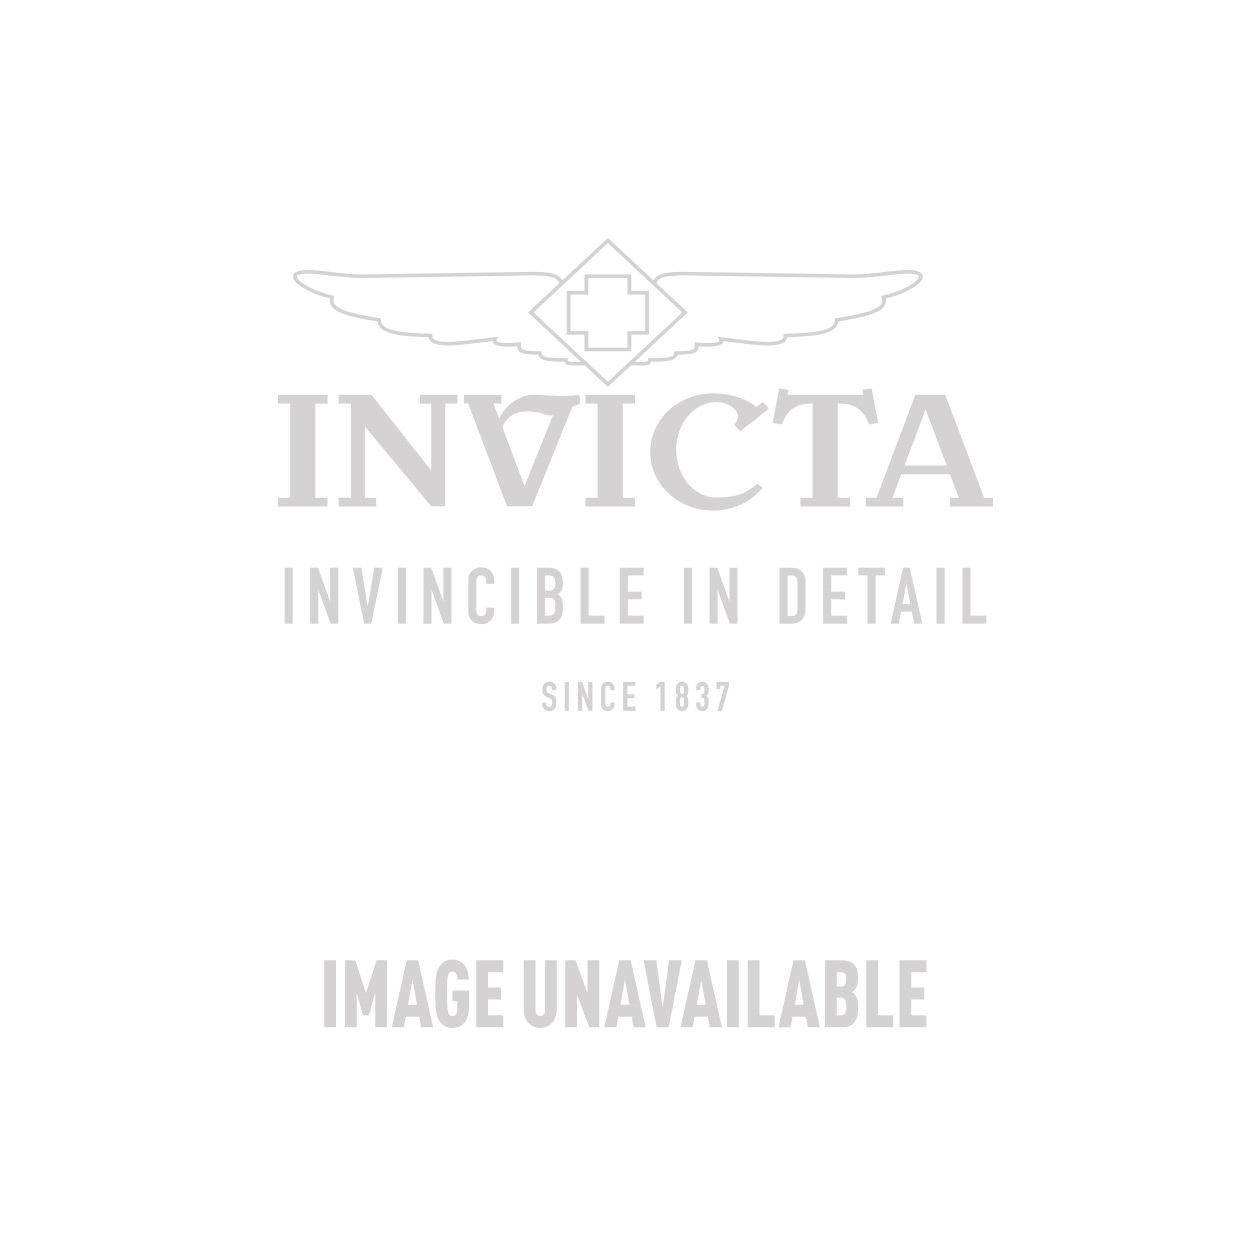 Invicta Model 25846